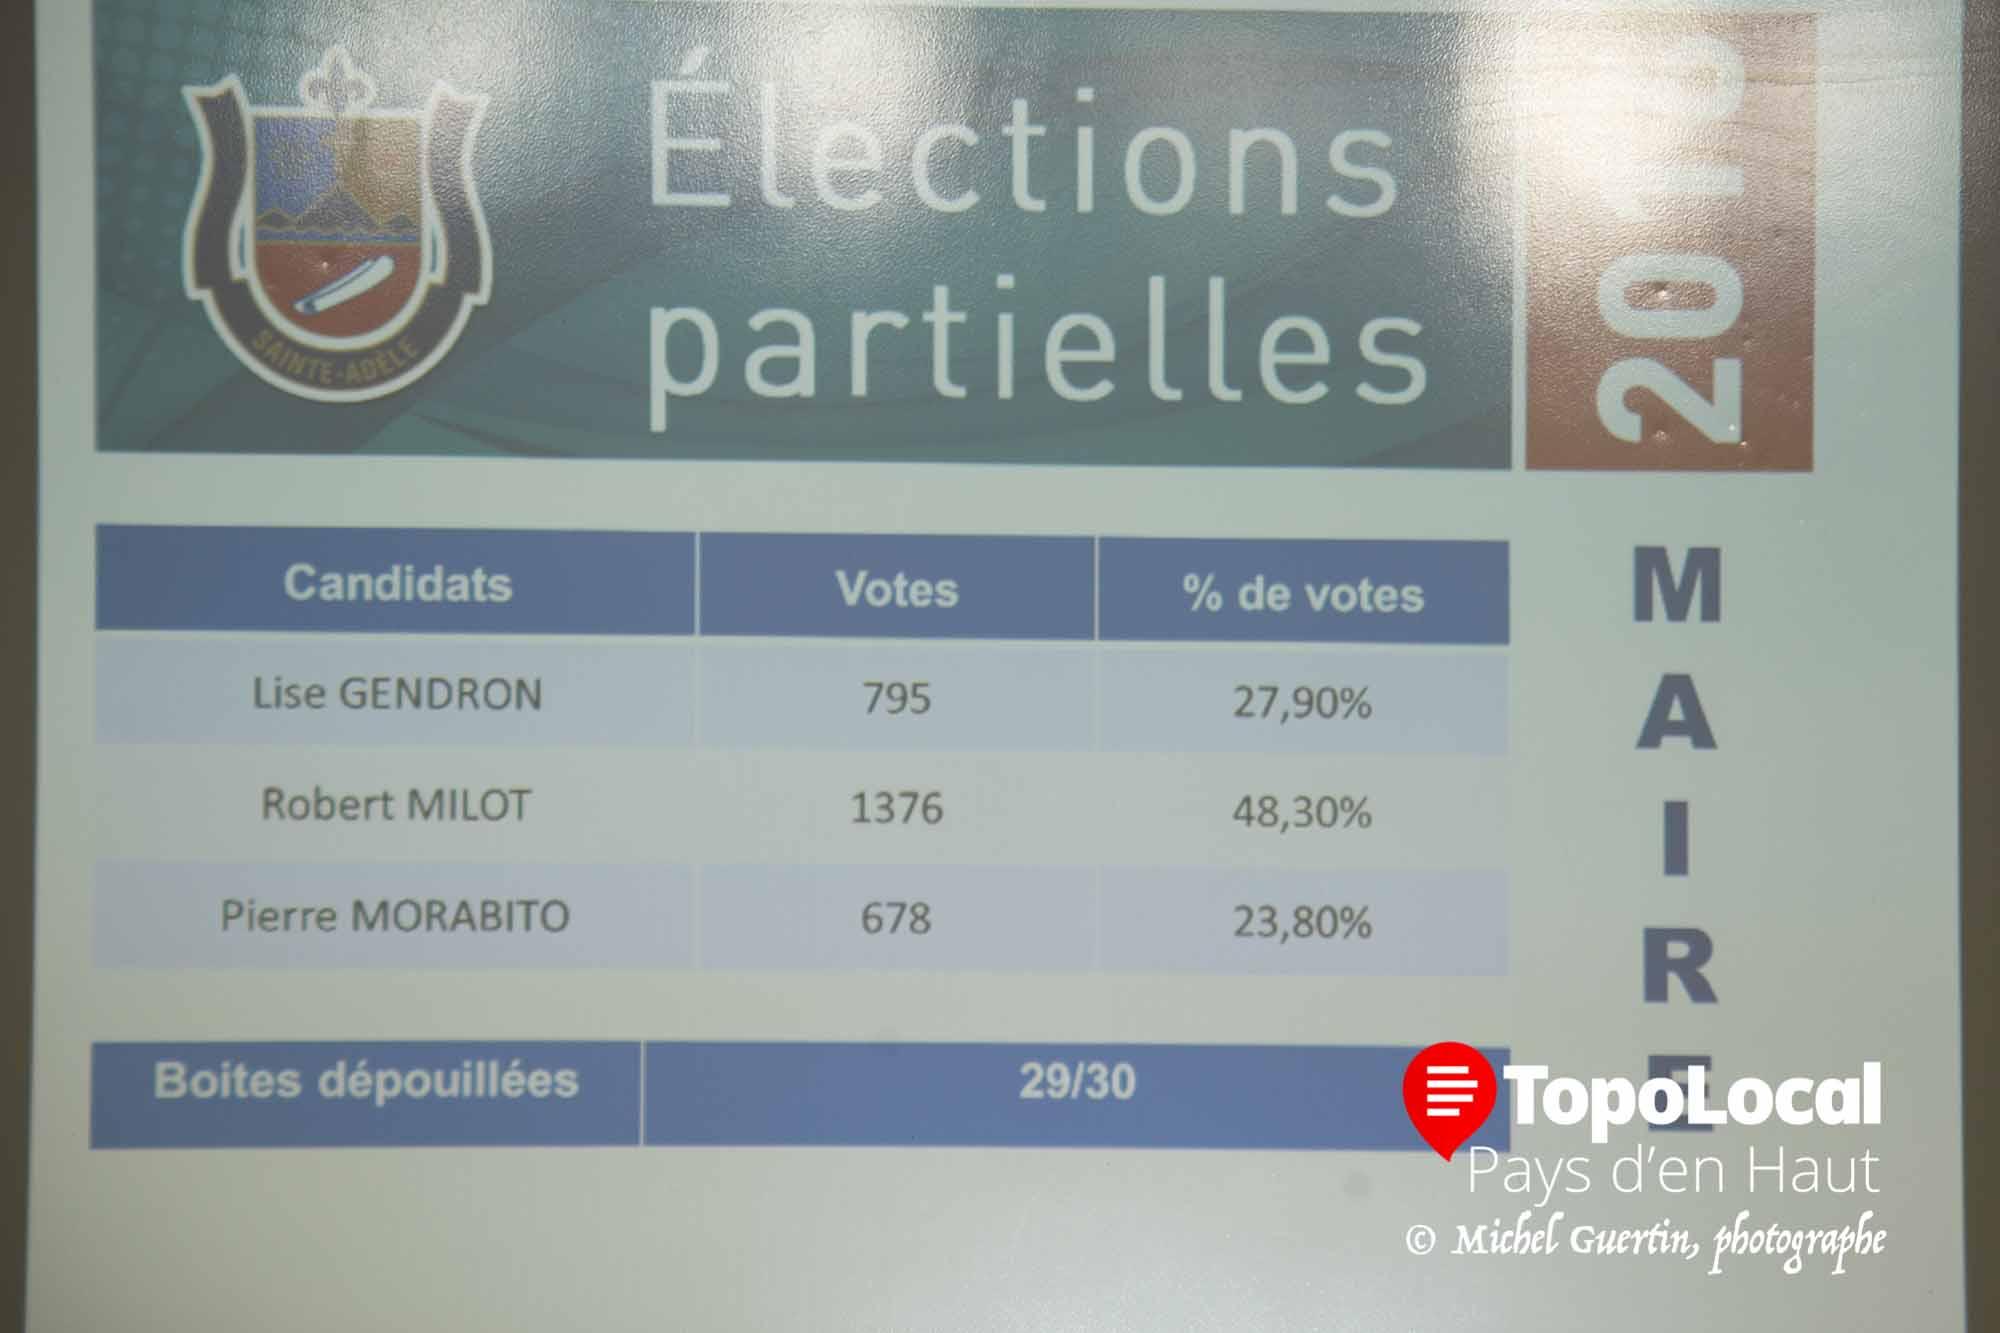 20160501-sainte-adele-mairie-conseillers-partielles-3